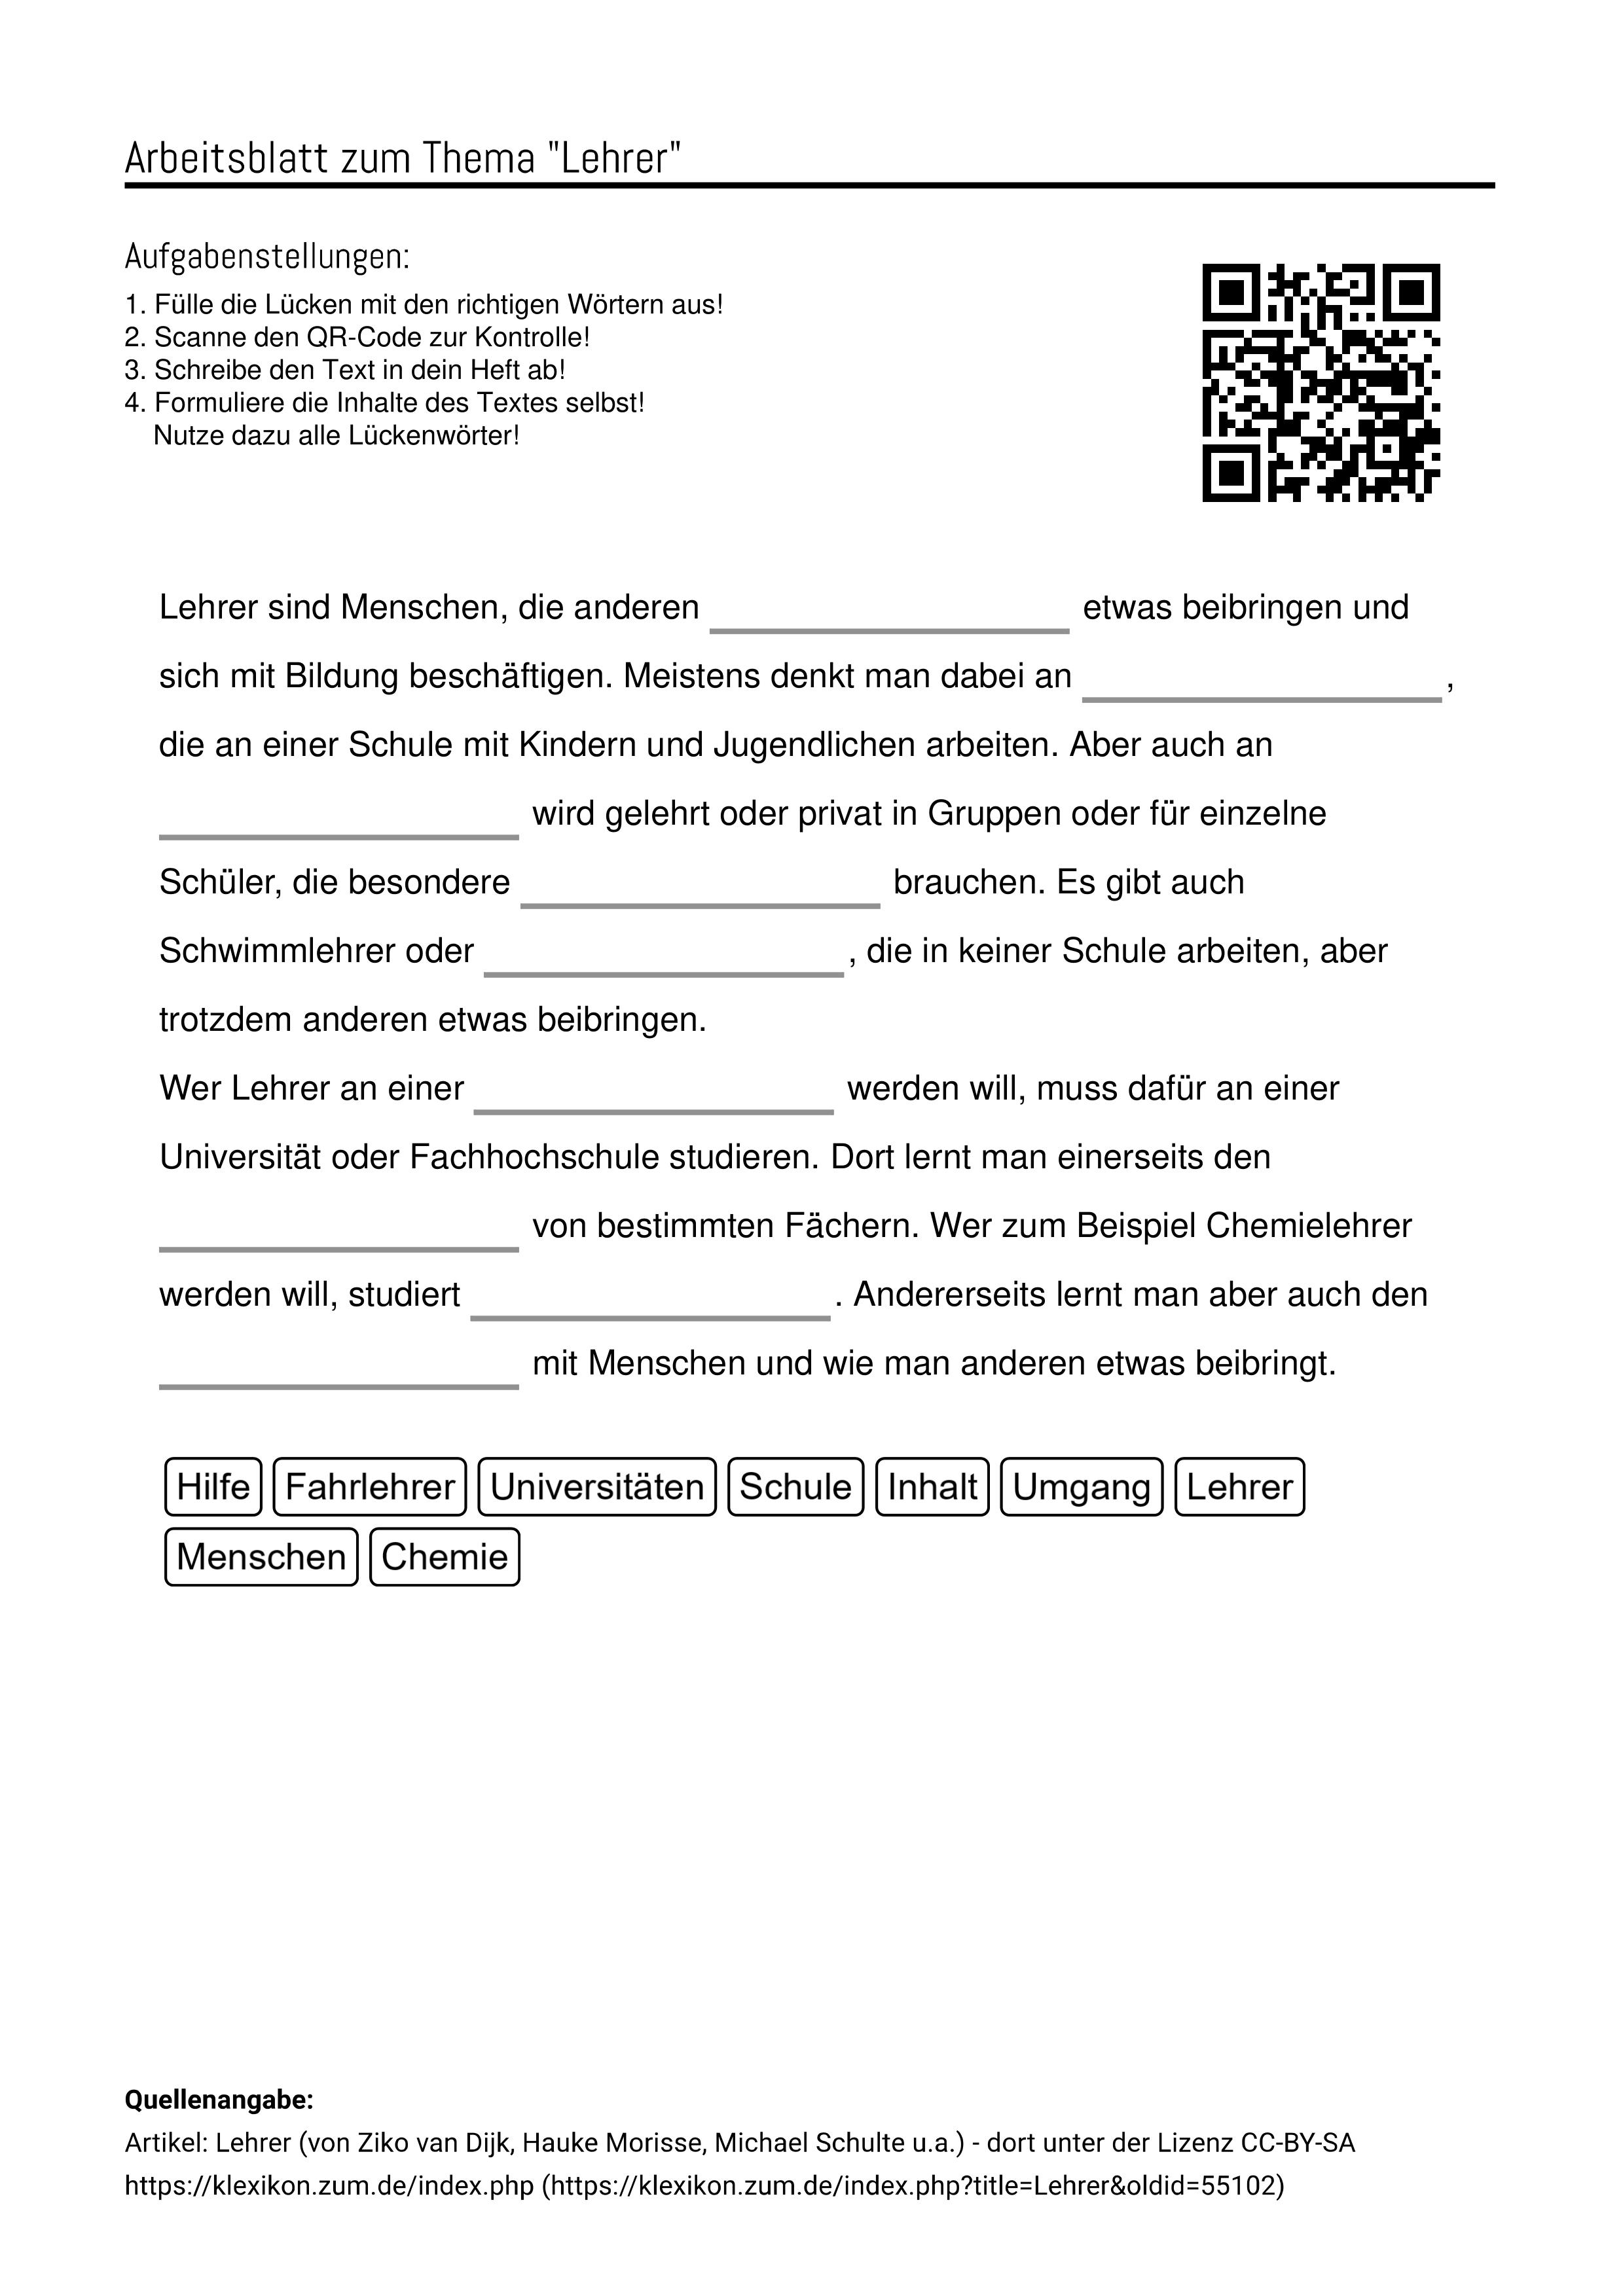 Arbeitsblatter Zum Thema Aufgabenstellung Arbeitsblatter Lehrer